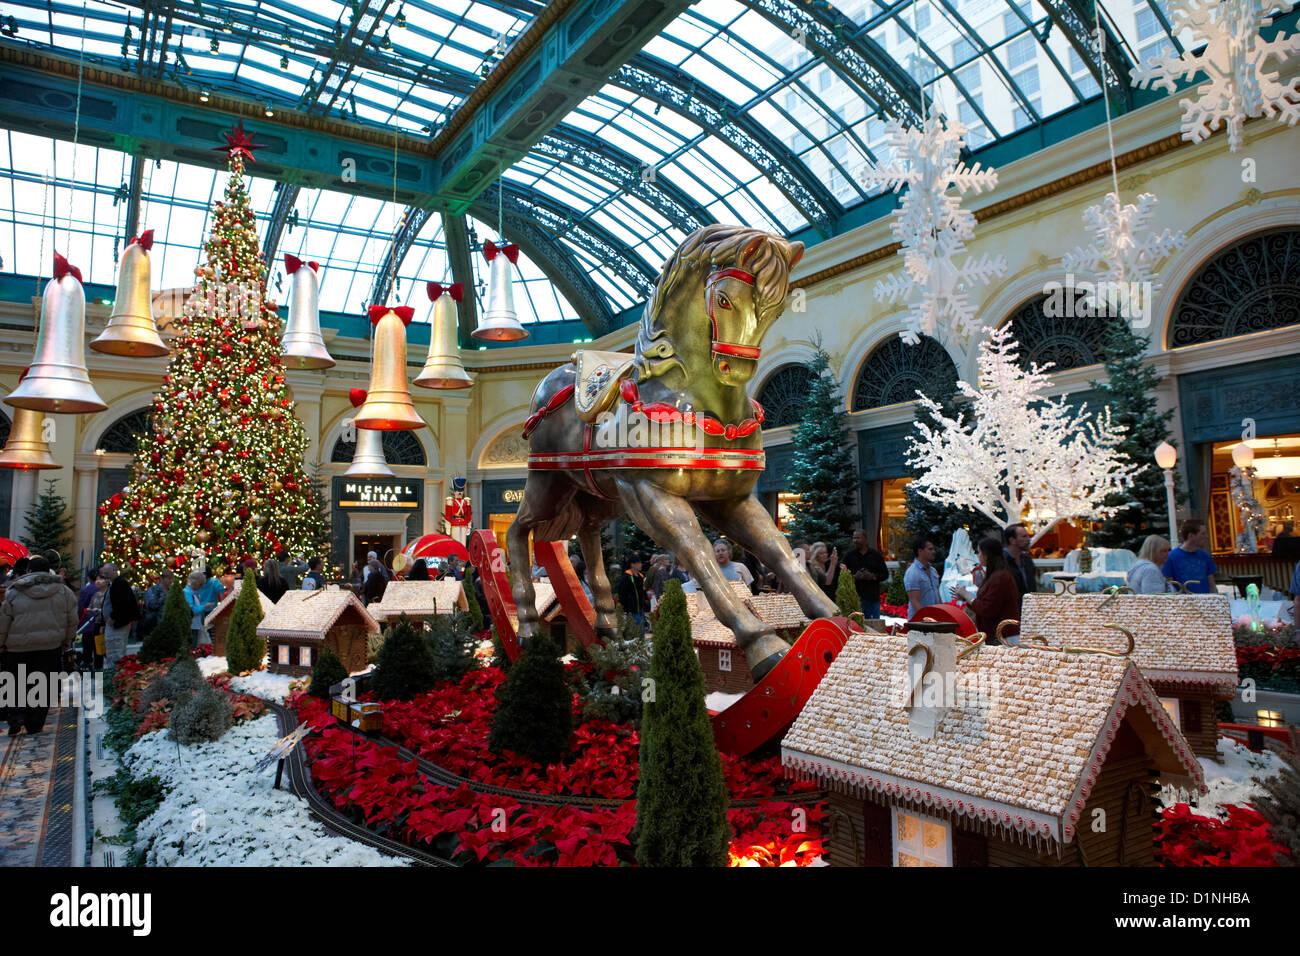 Las Vegas Bellagio Christmas Stock Photos & Las Vegas